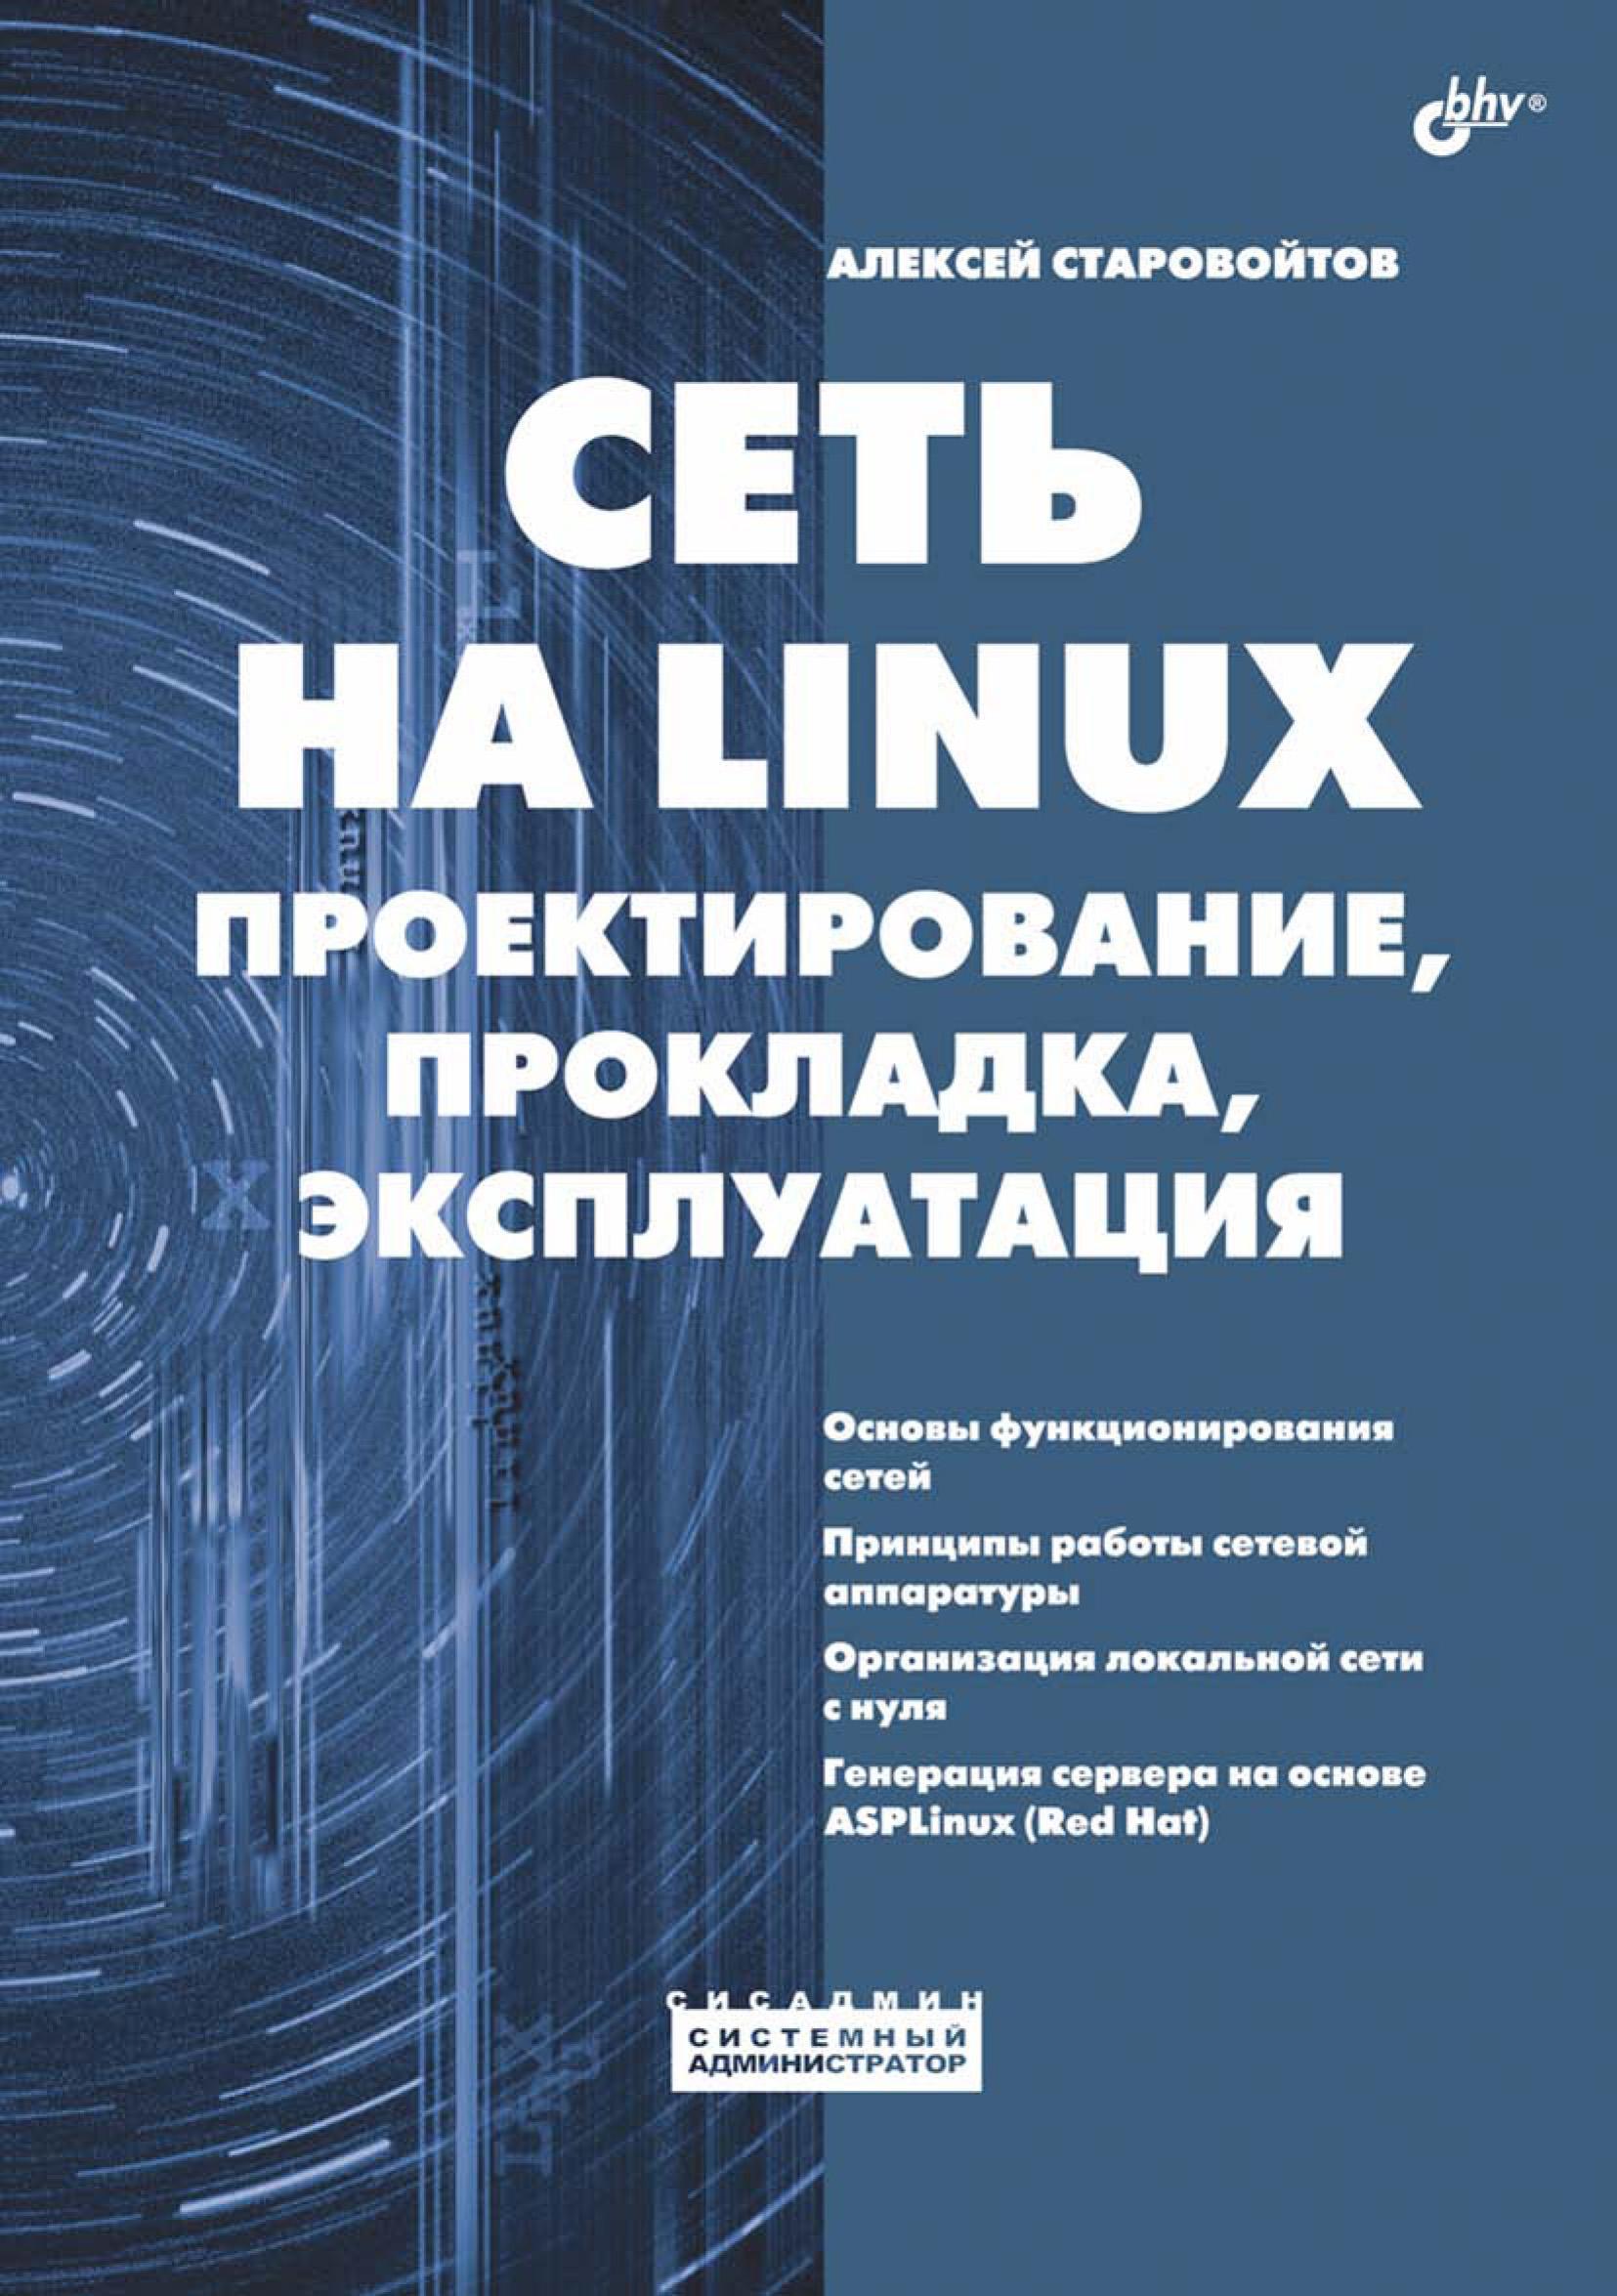 Алексей Старовойтов Сеть на Linux. Проектирование, прокладка, эксплуатация